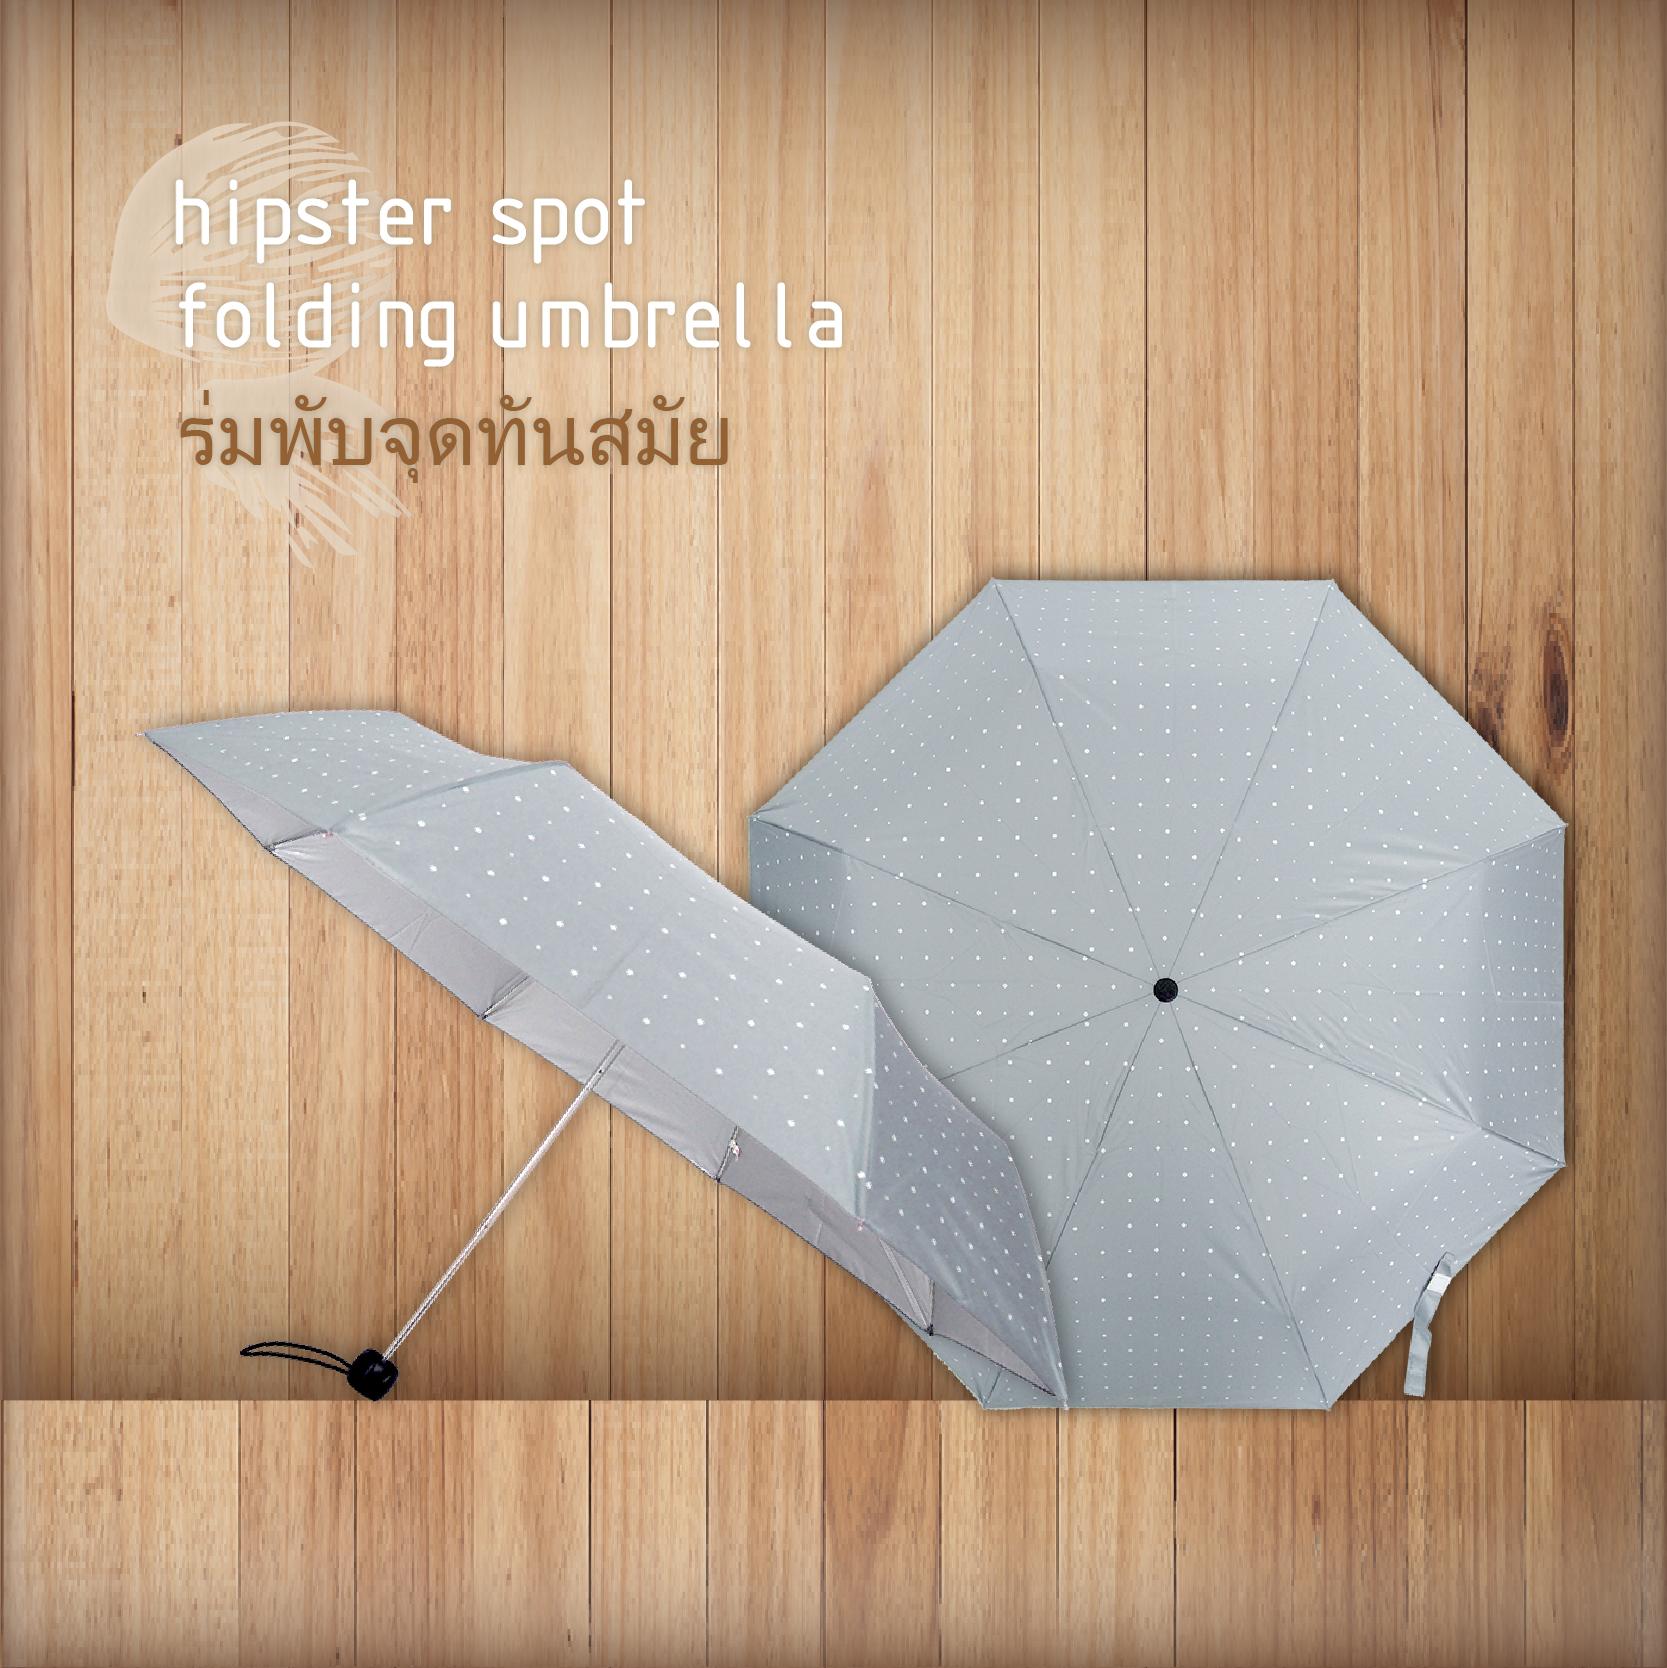 Hipster UV Folding Umbrella ร่มพับ 3ตอน เคลือบเงิน กันแดด กันยูวี กันฝน ทันสมัย-เทา